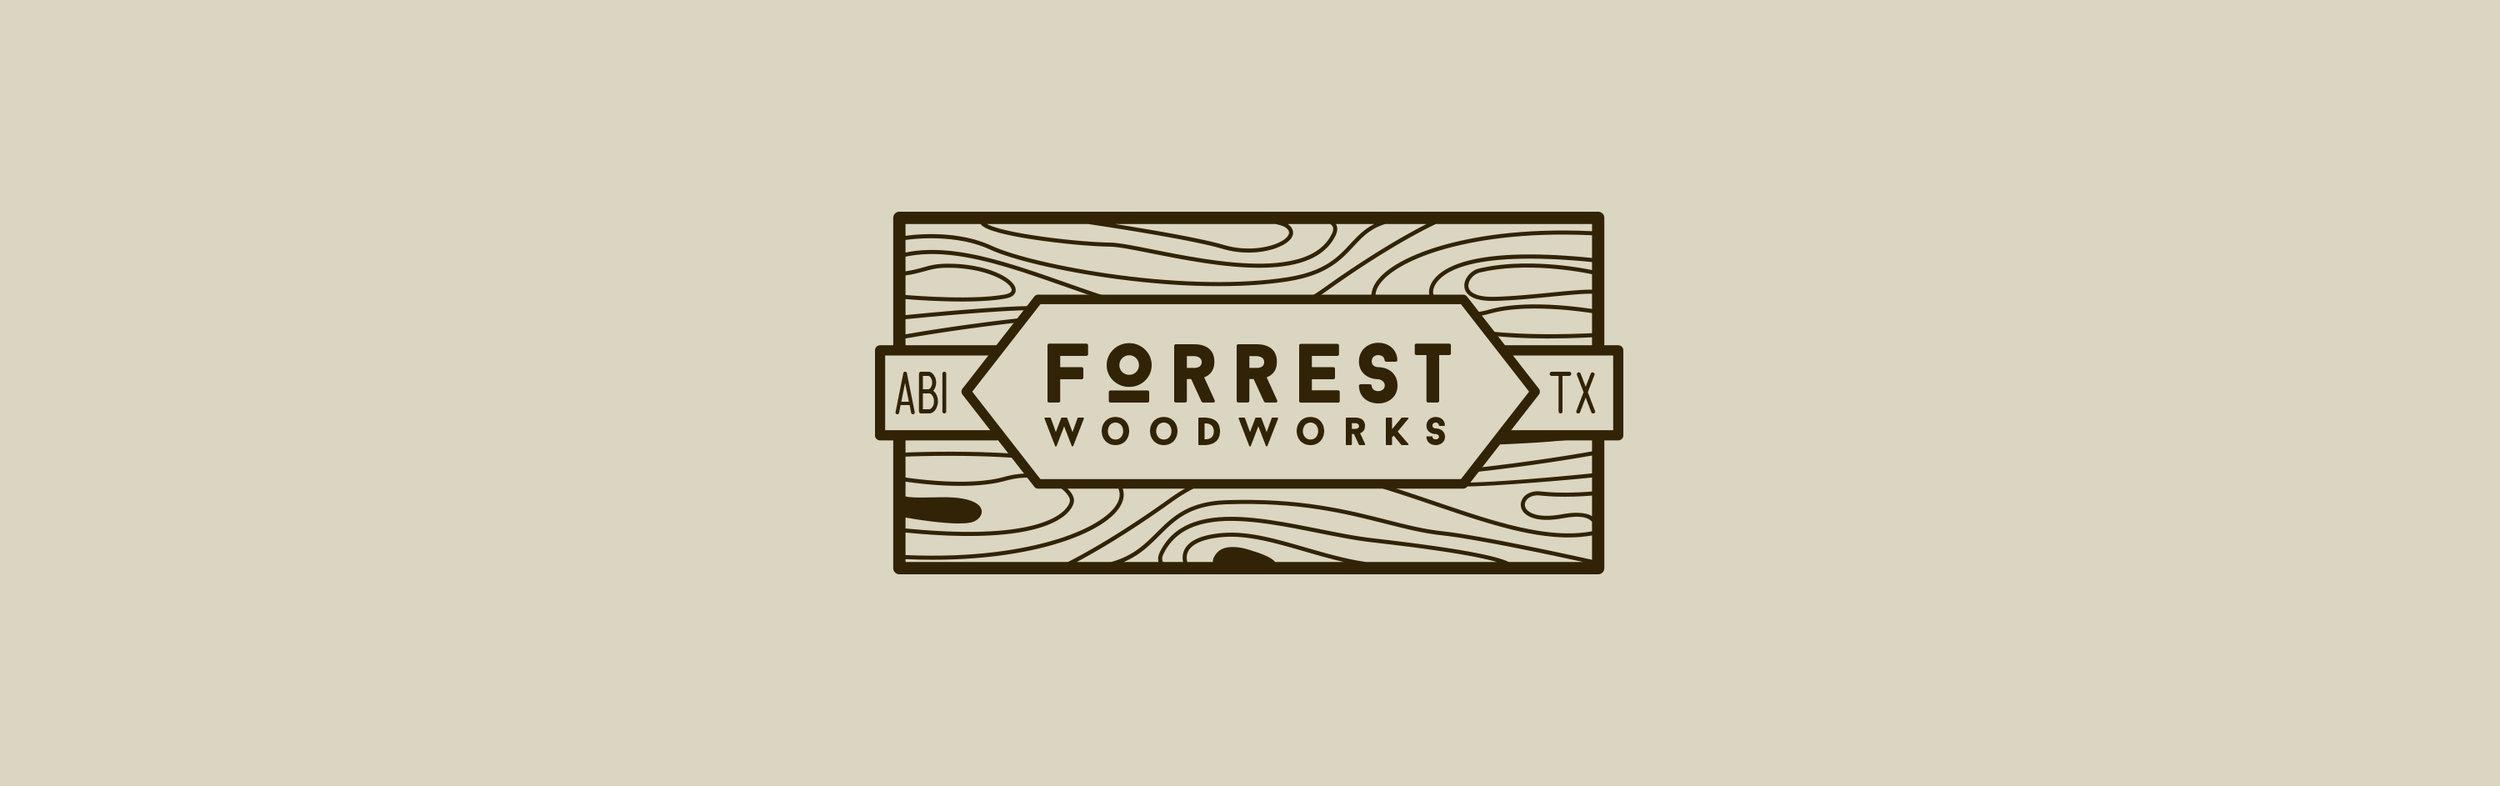 forrest_flat image.jpg